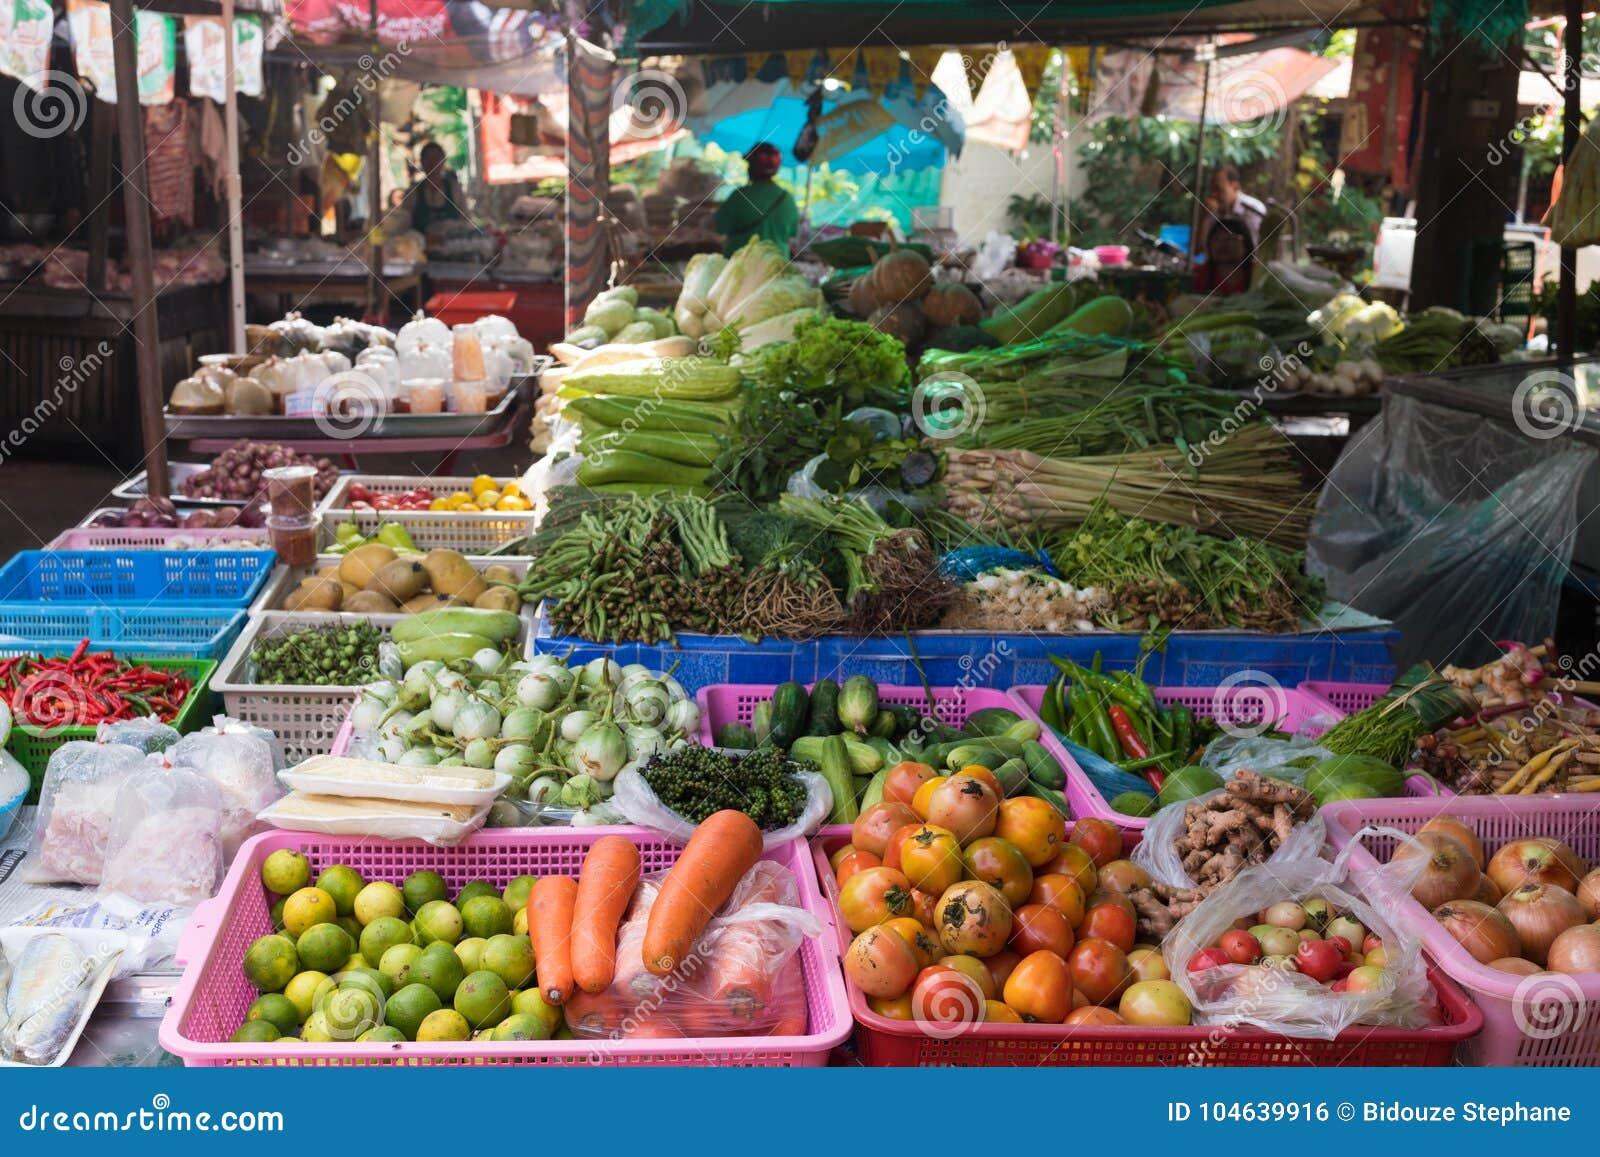 Download Plantaardige Box In Thaise Markt Stock Foto - Afbeelding bestaande uit wortel, aubergine: 104639916